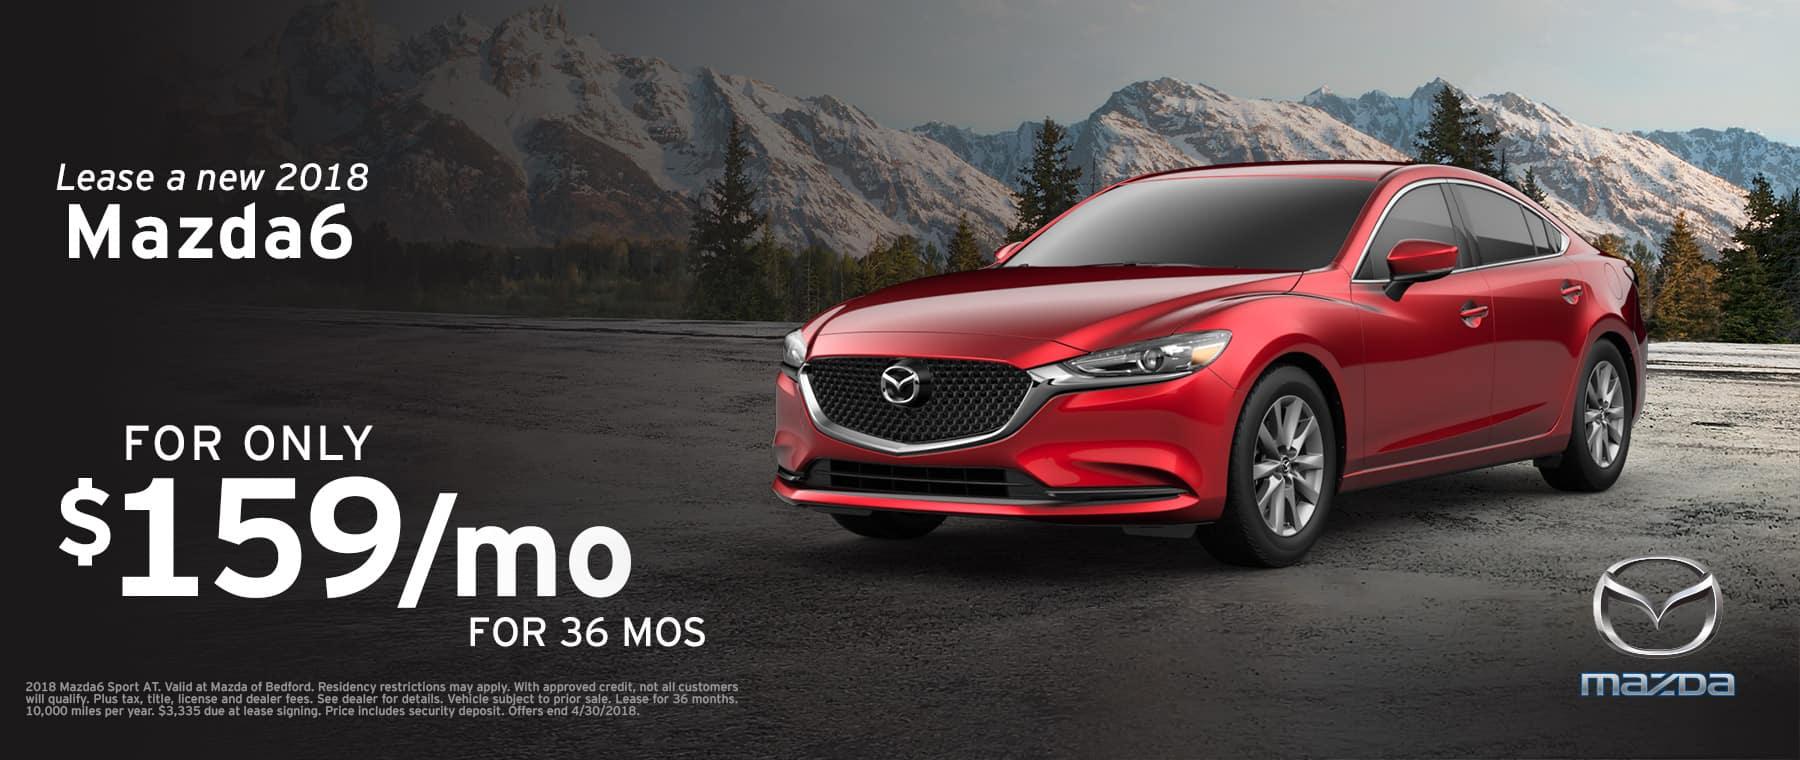 2018 Mazda6 April